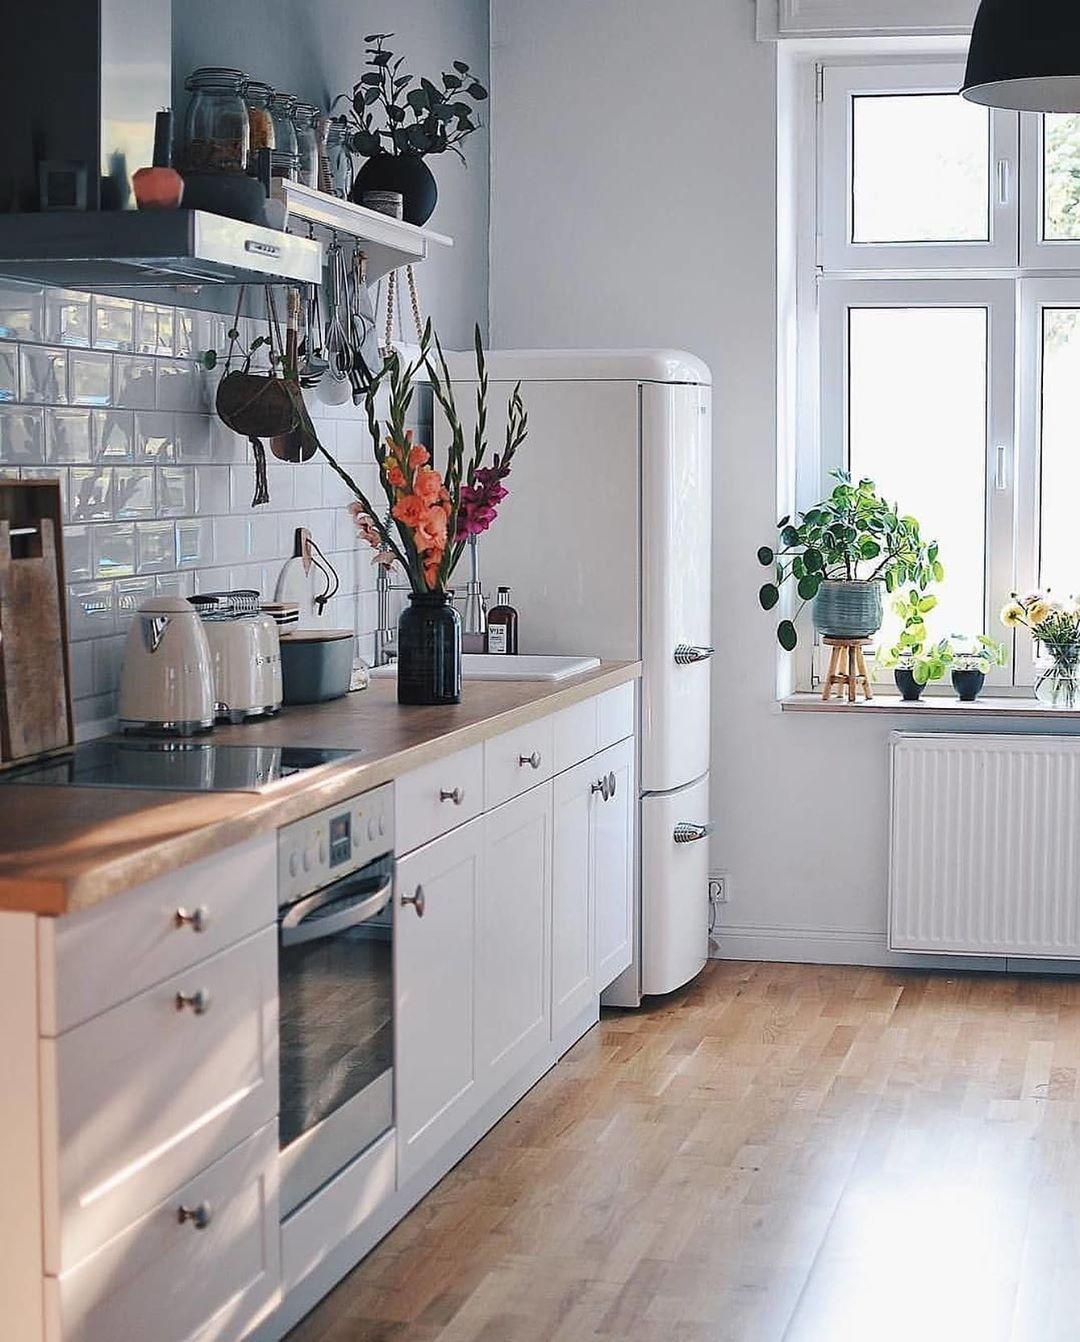 """Photo of NORDIK SPACE auf Instagram: """"Beginnen Sie Ihren Morgen in einer schönen Küche! 📸: @ jennifer.paro • • • • #kitchen #kitchendesign #interiordesign #home # design… """""""